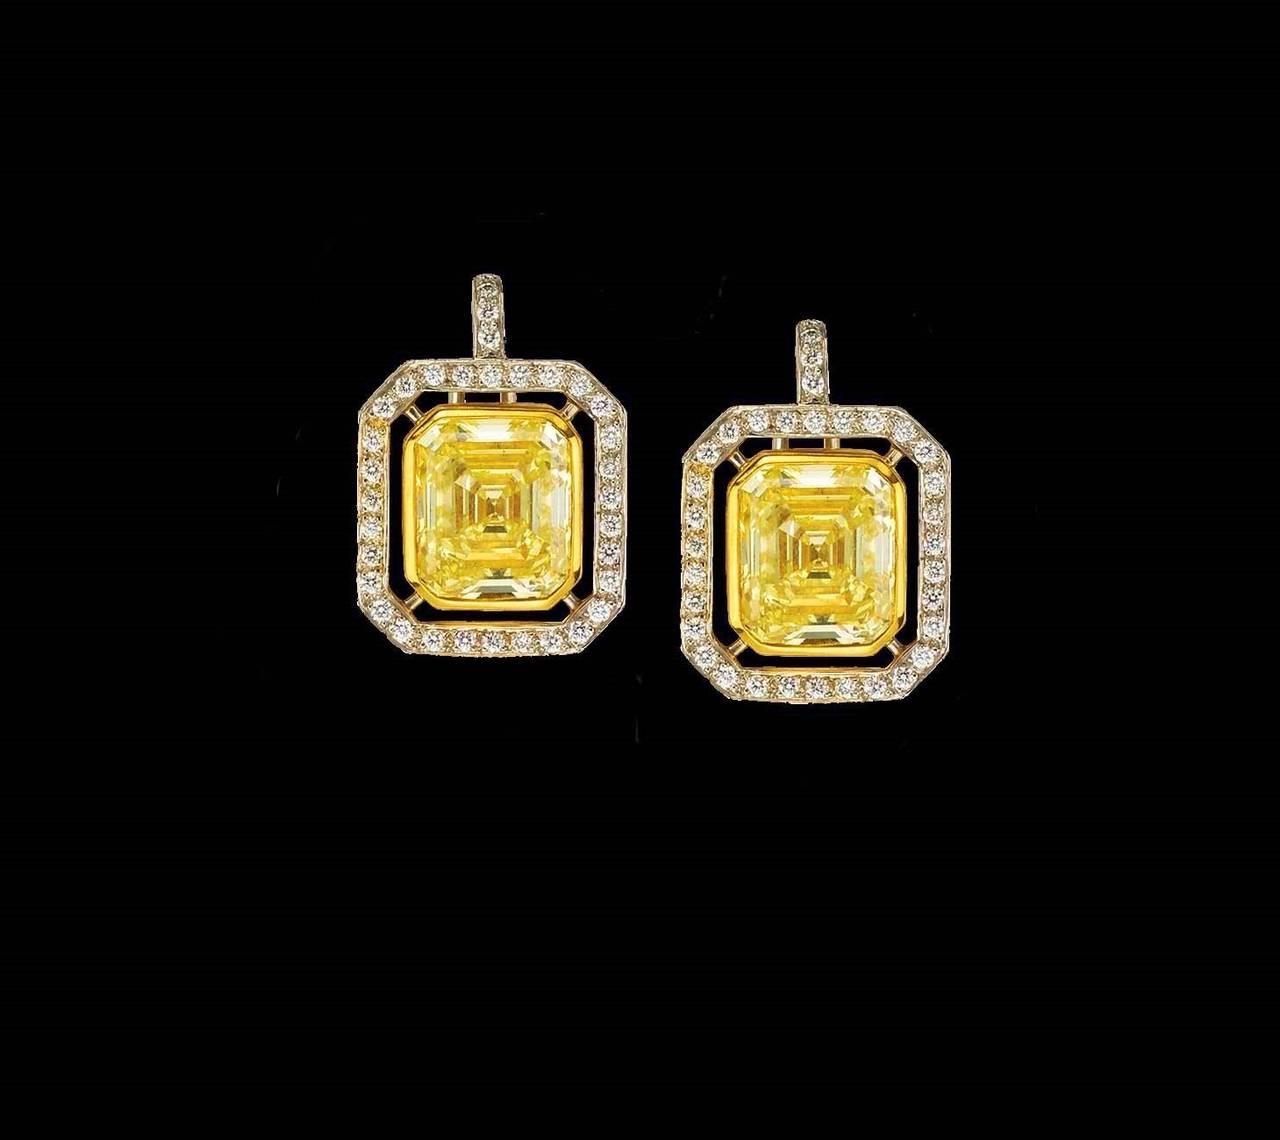 6.70 Carat GIA Cert Fancy Yellow Emerald cut  Diamond Frame Earrings For Sale 1